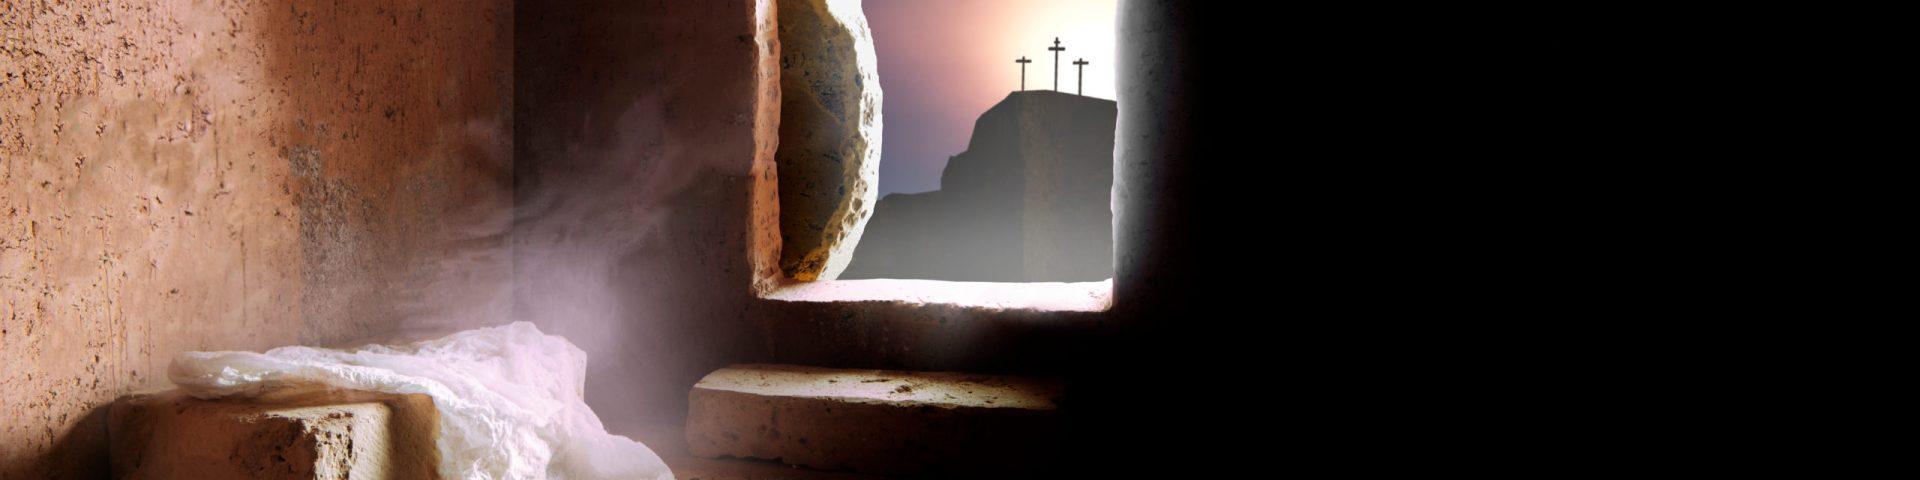 3 crosses, 1 empty tomb